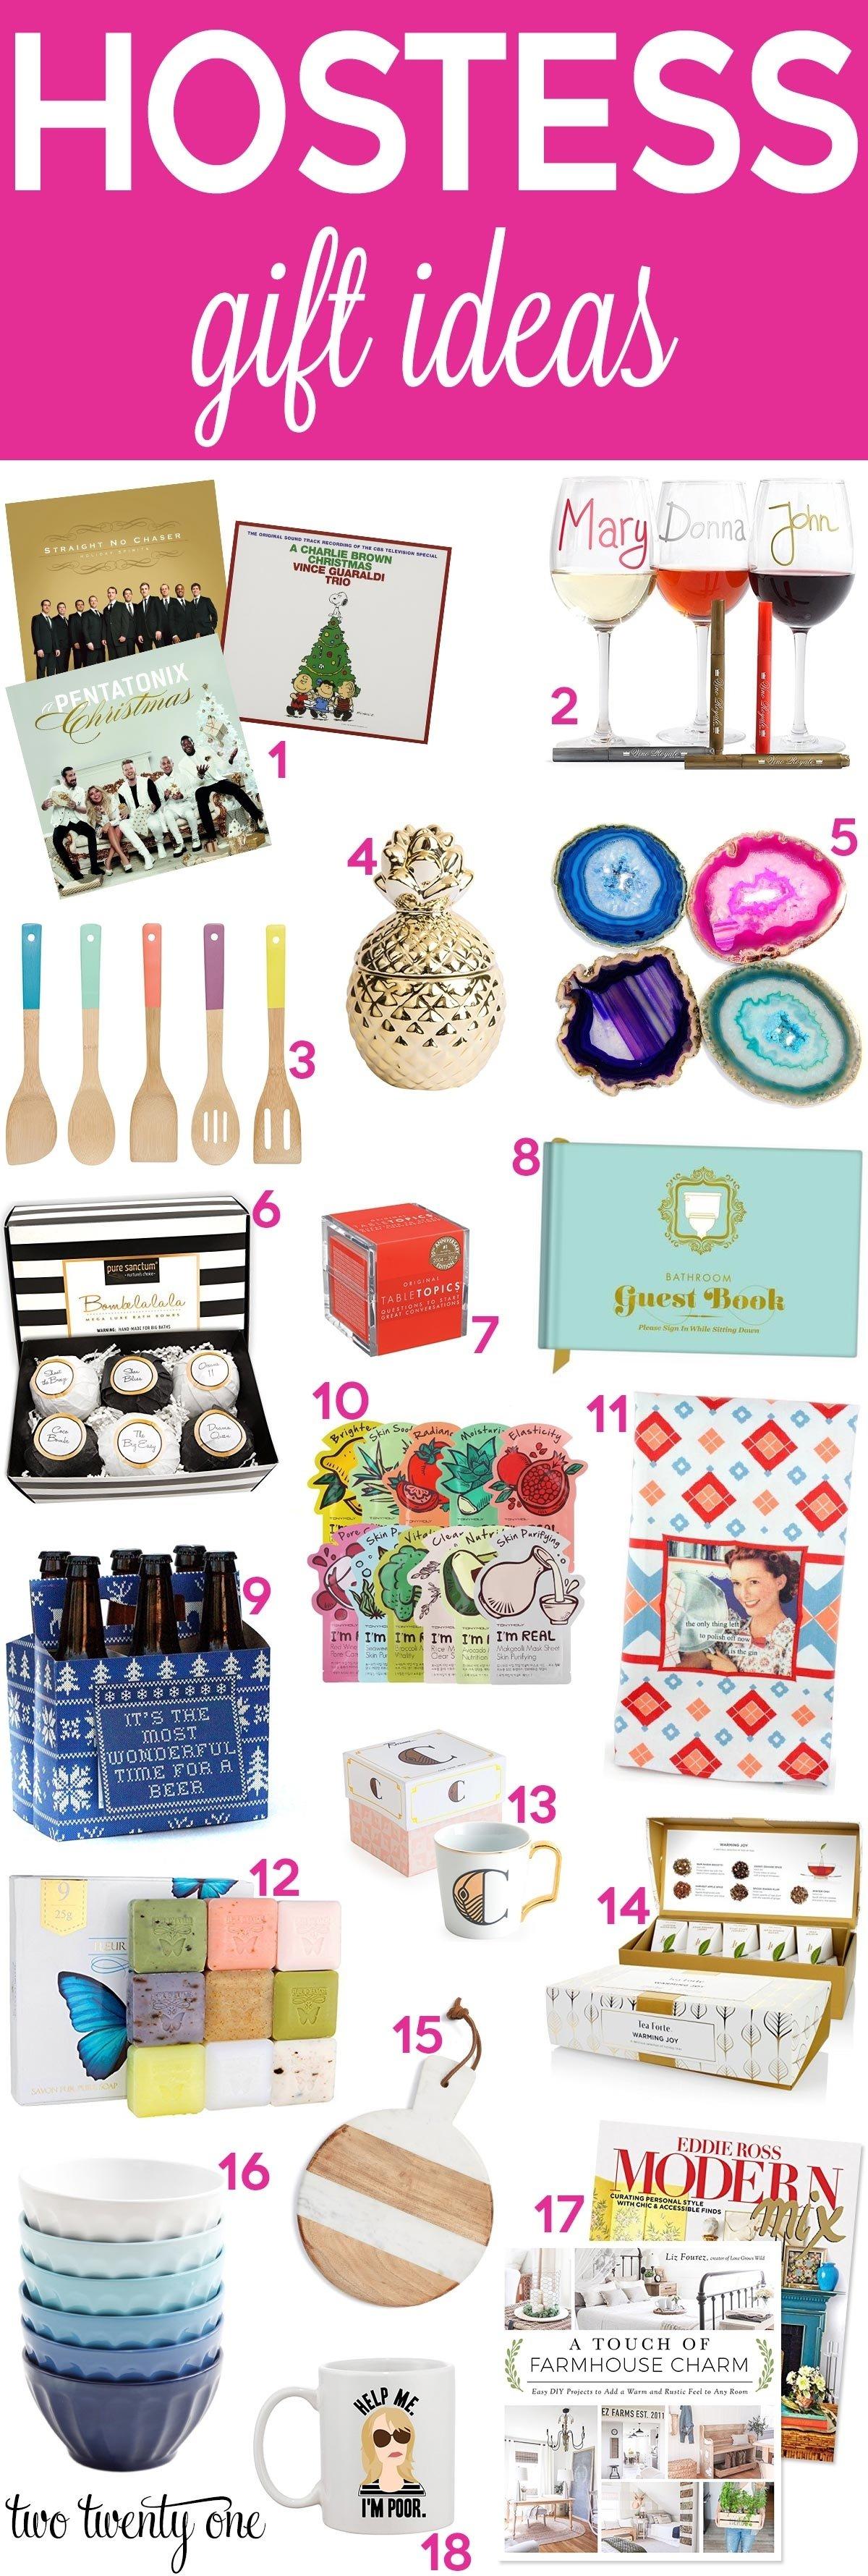 10 Stylish Christmas Party Hostess Gift Ideas hostess gift ideas